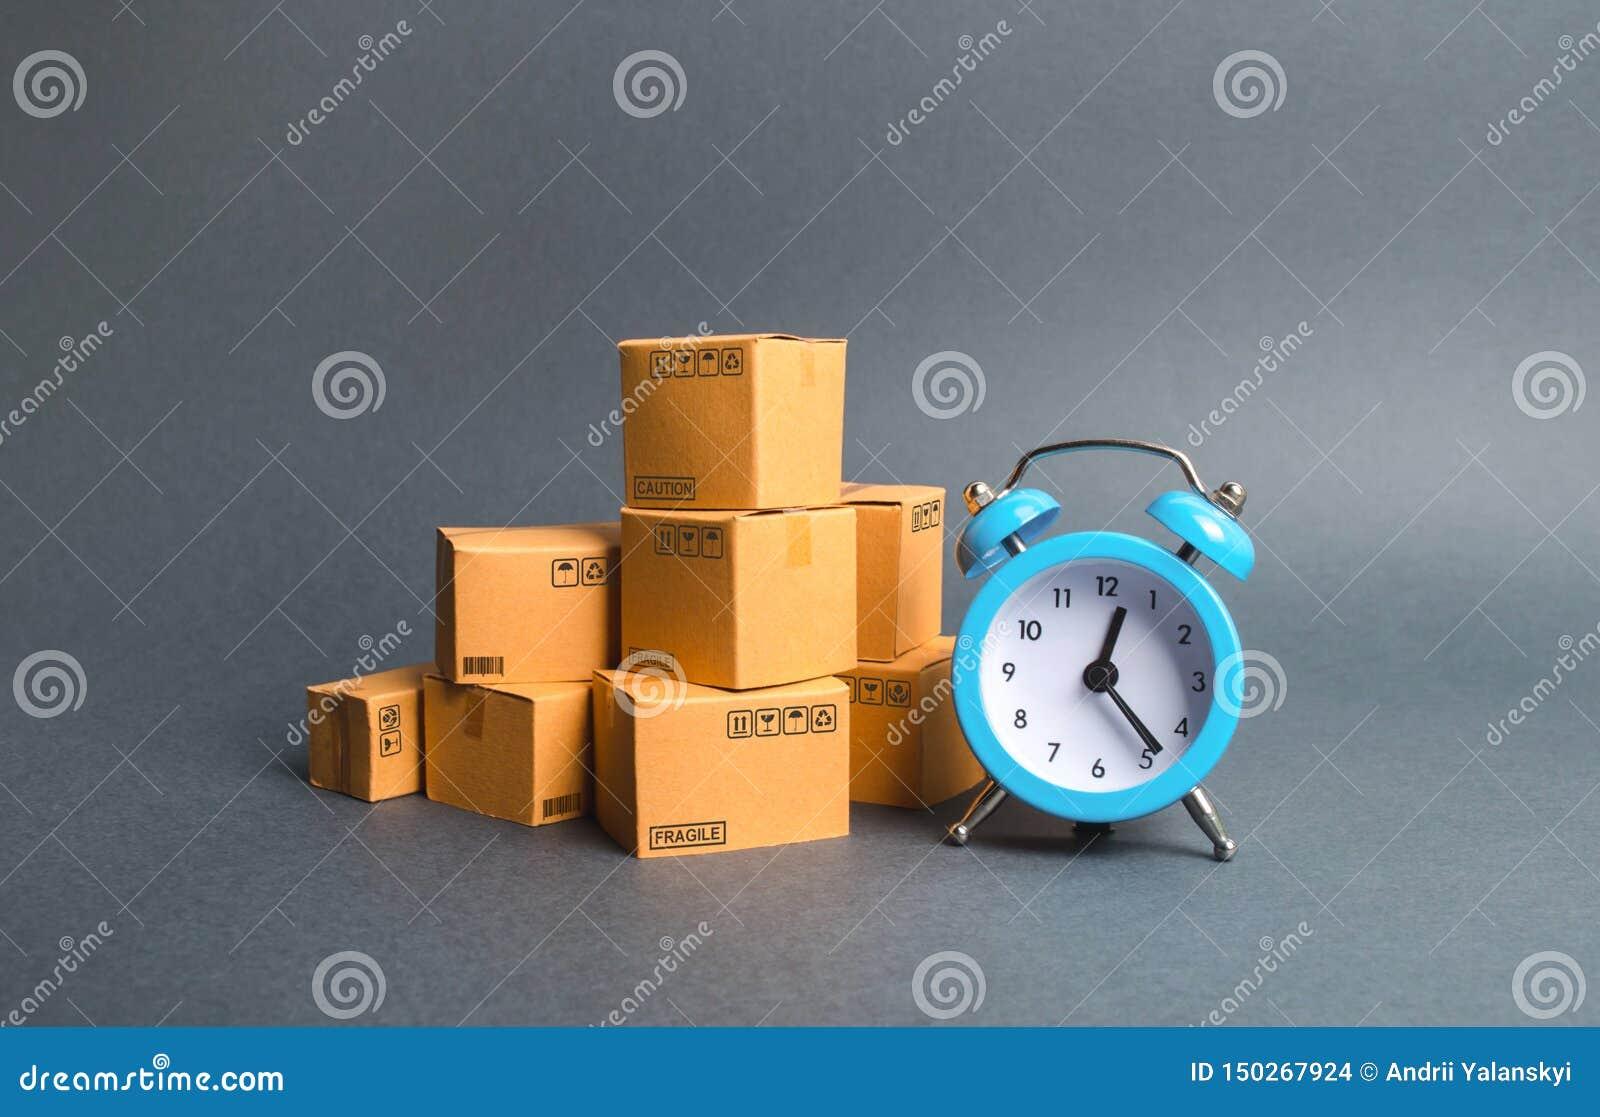 堆纸板箱和一个蓝色闹钟 快递概念 临时储藏、有限的提议和折扣